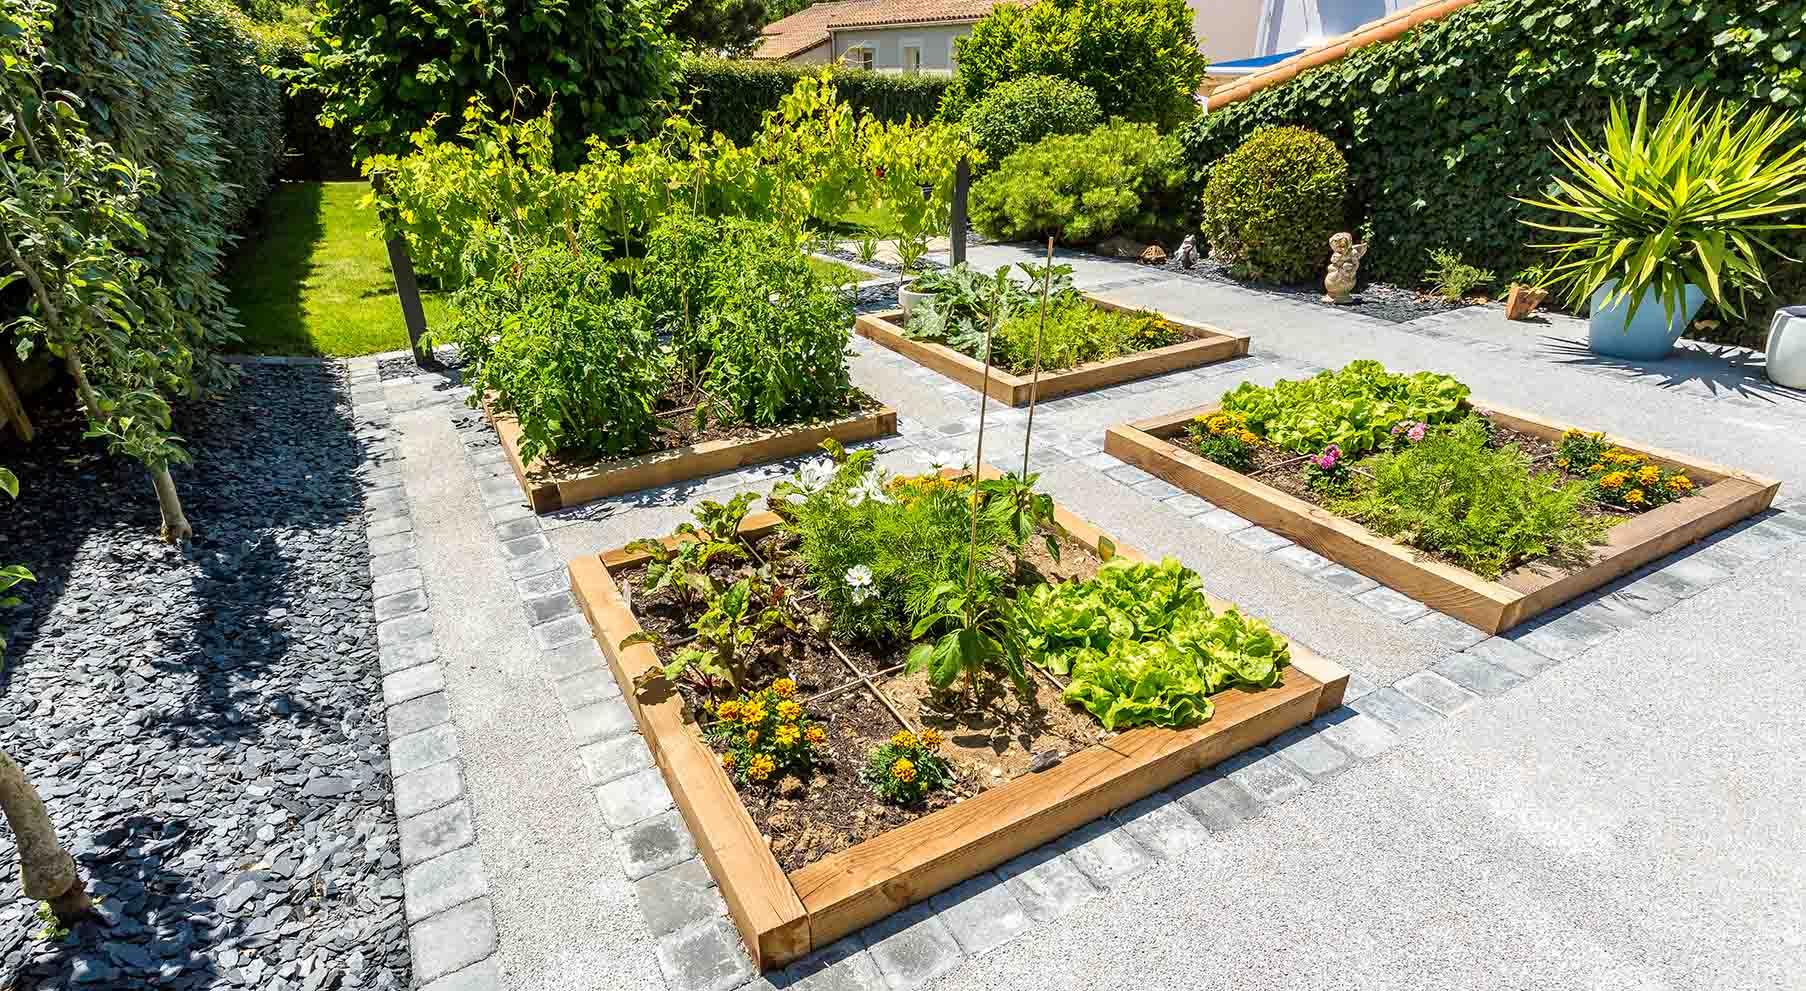 Réalisations De Jardin Et Aménagement D'Extérieur En pour Exemple D Aménagement De Jardin